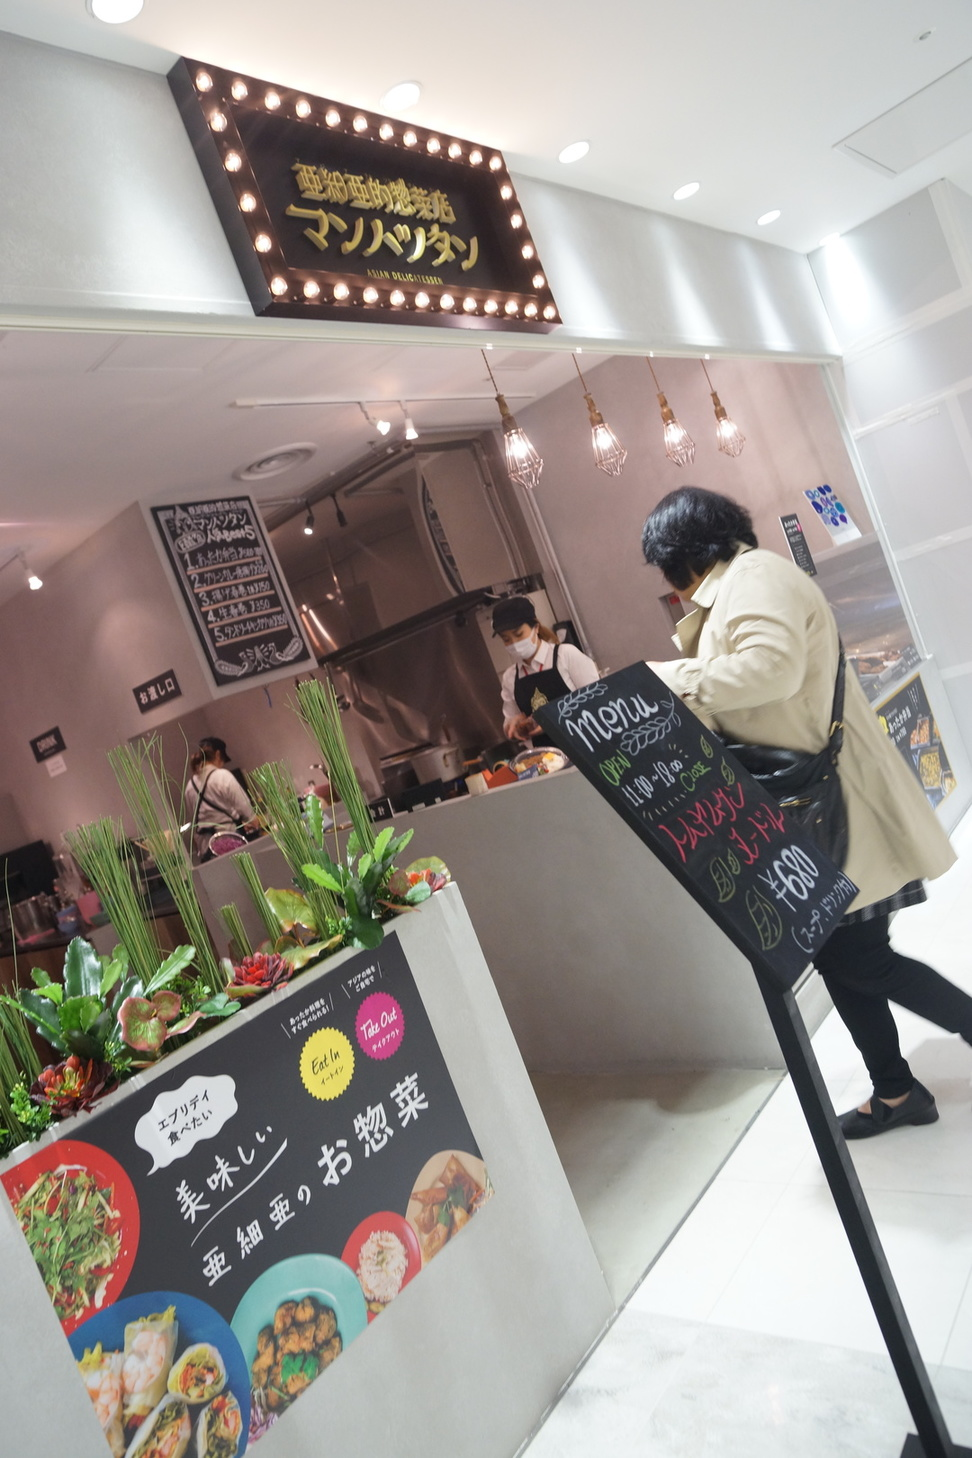 亜細亜的惣菜店 マンハッタン 新札幌サンピアザ店